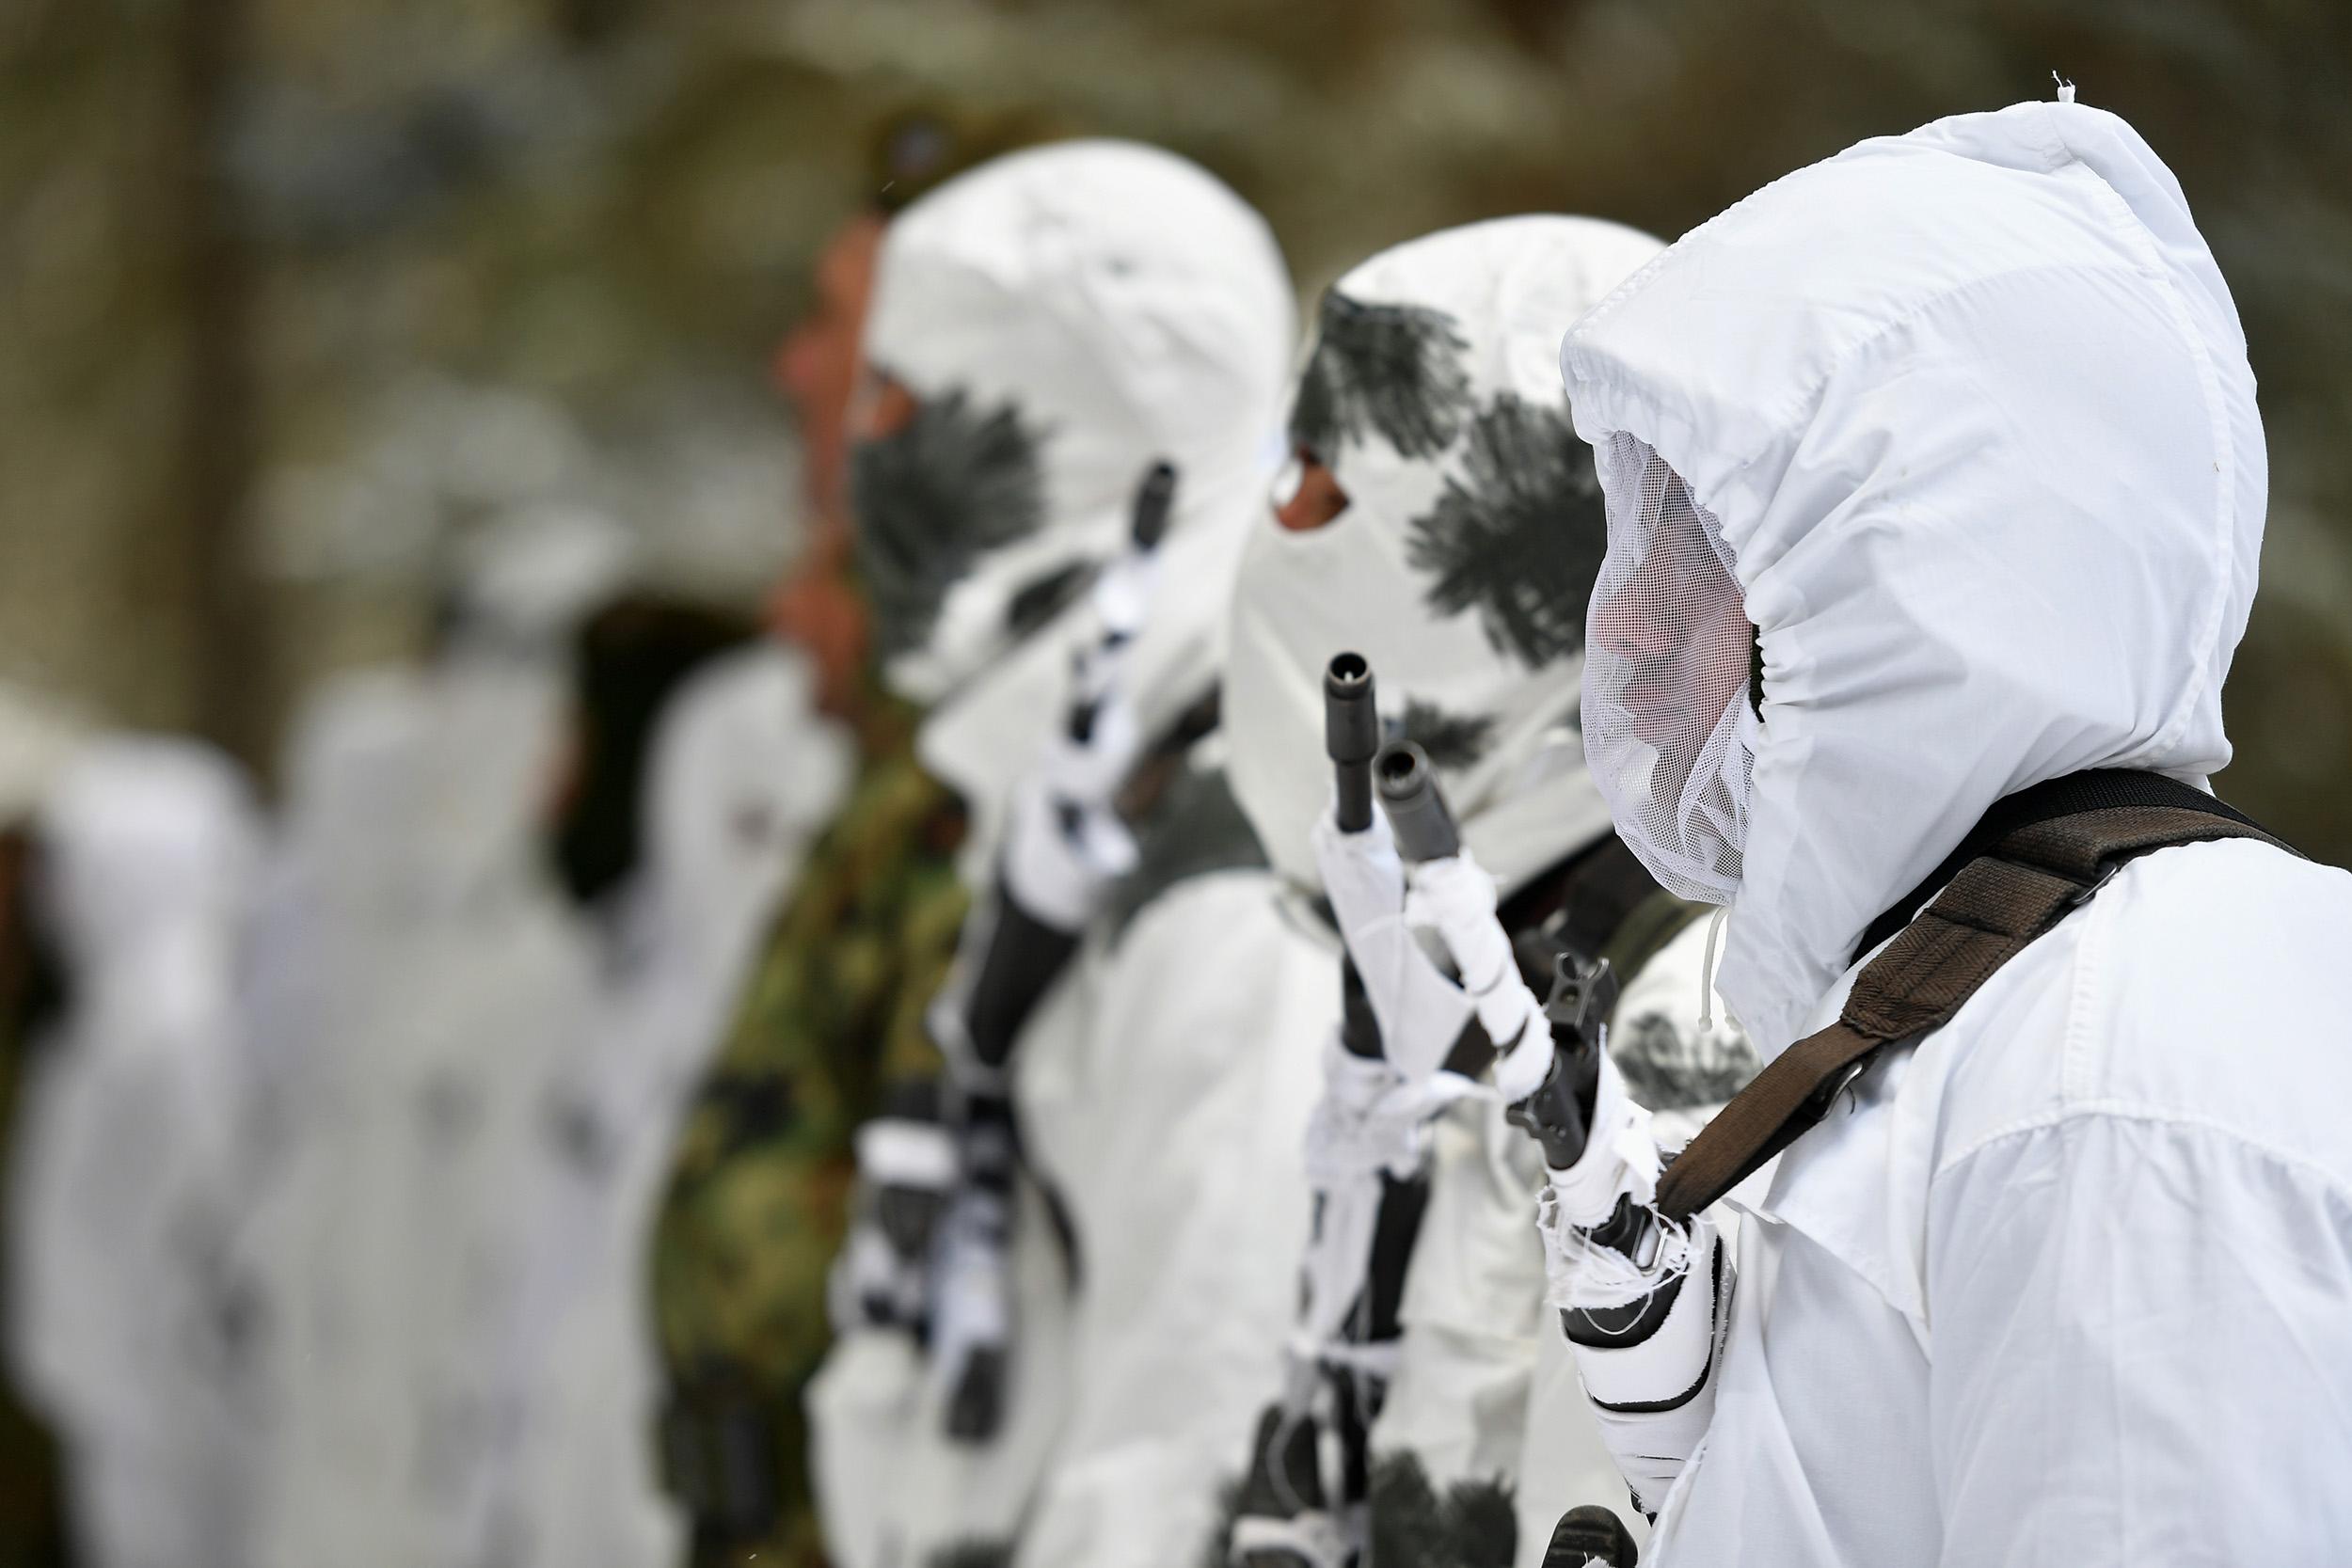 Конкурс за упис у војне школе отворен до 15. марта